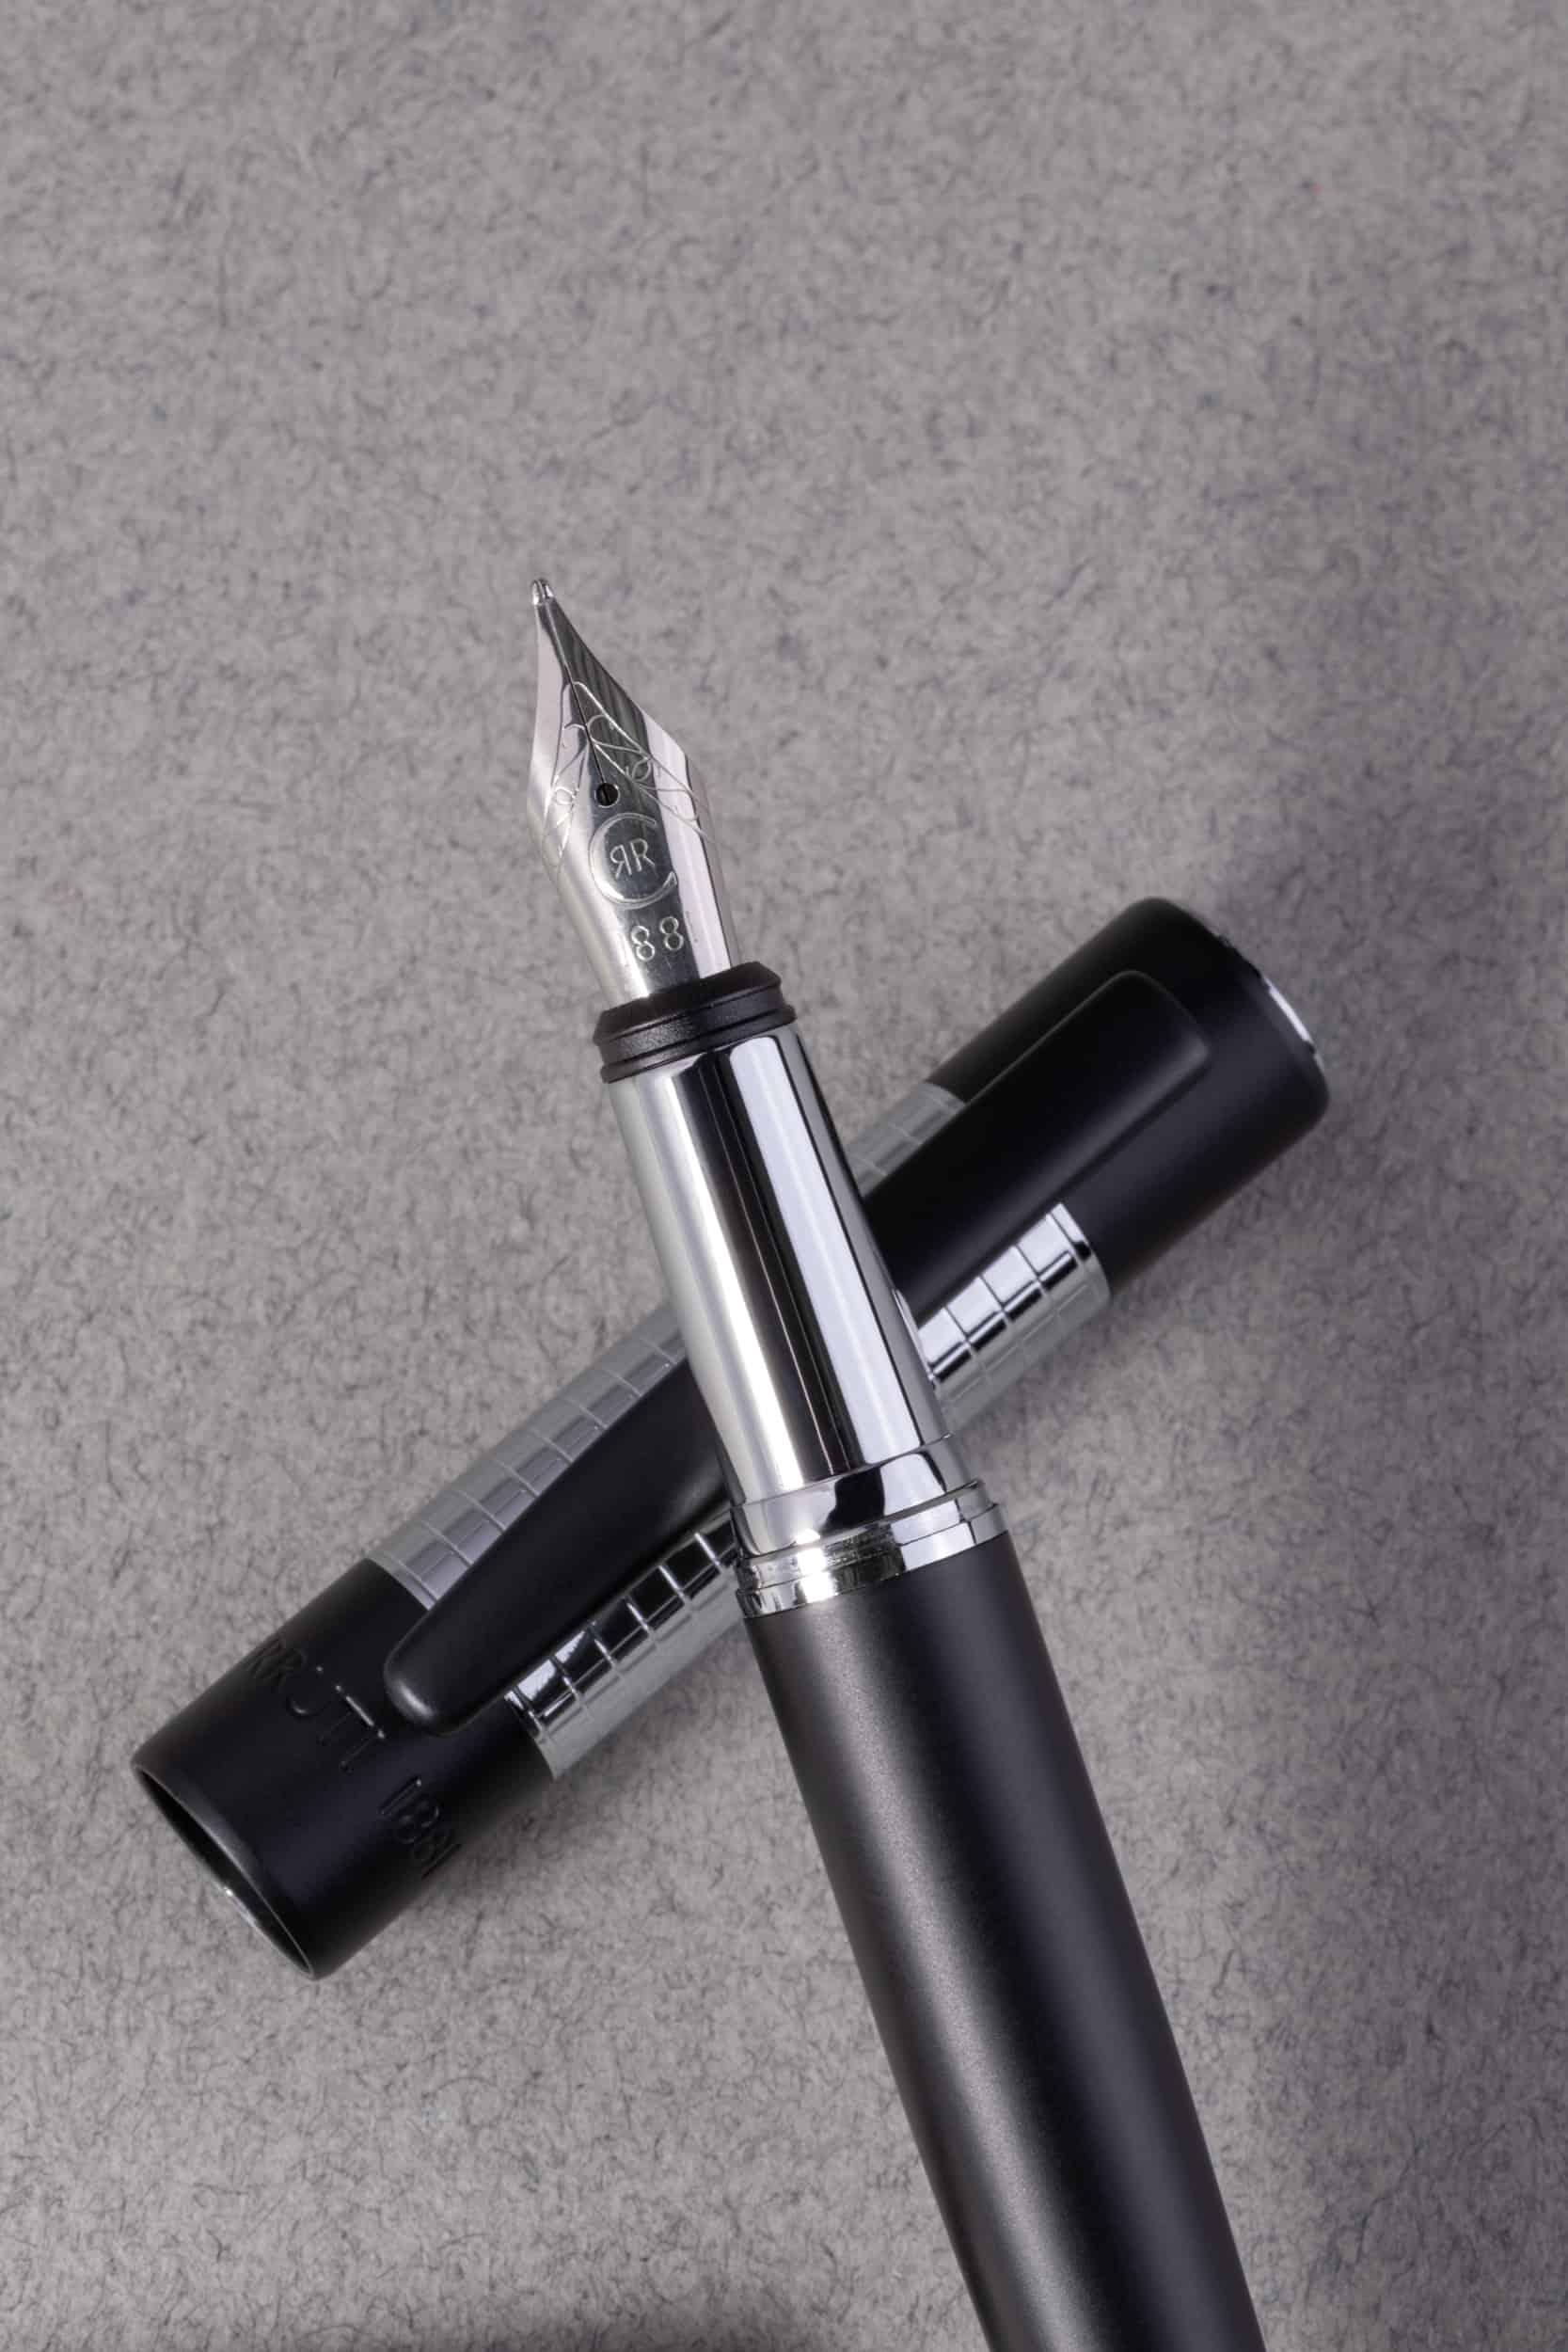 akcesoria piśmiennicze